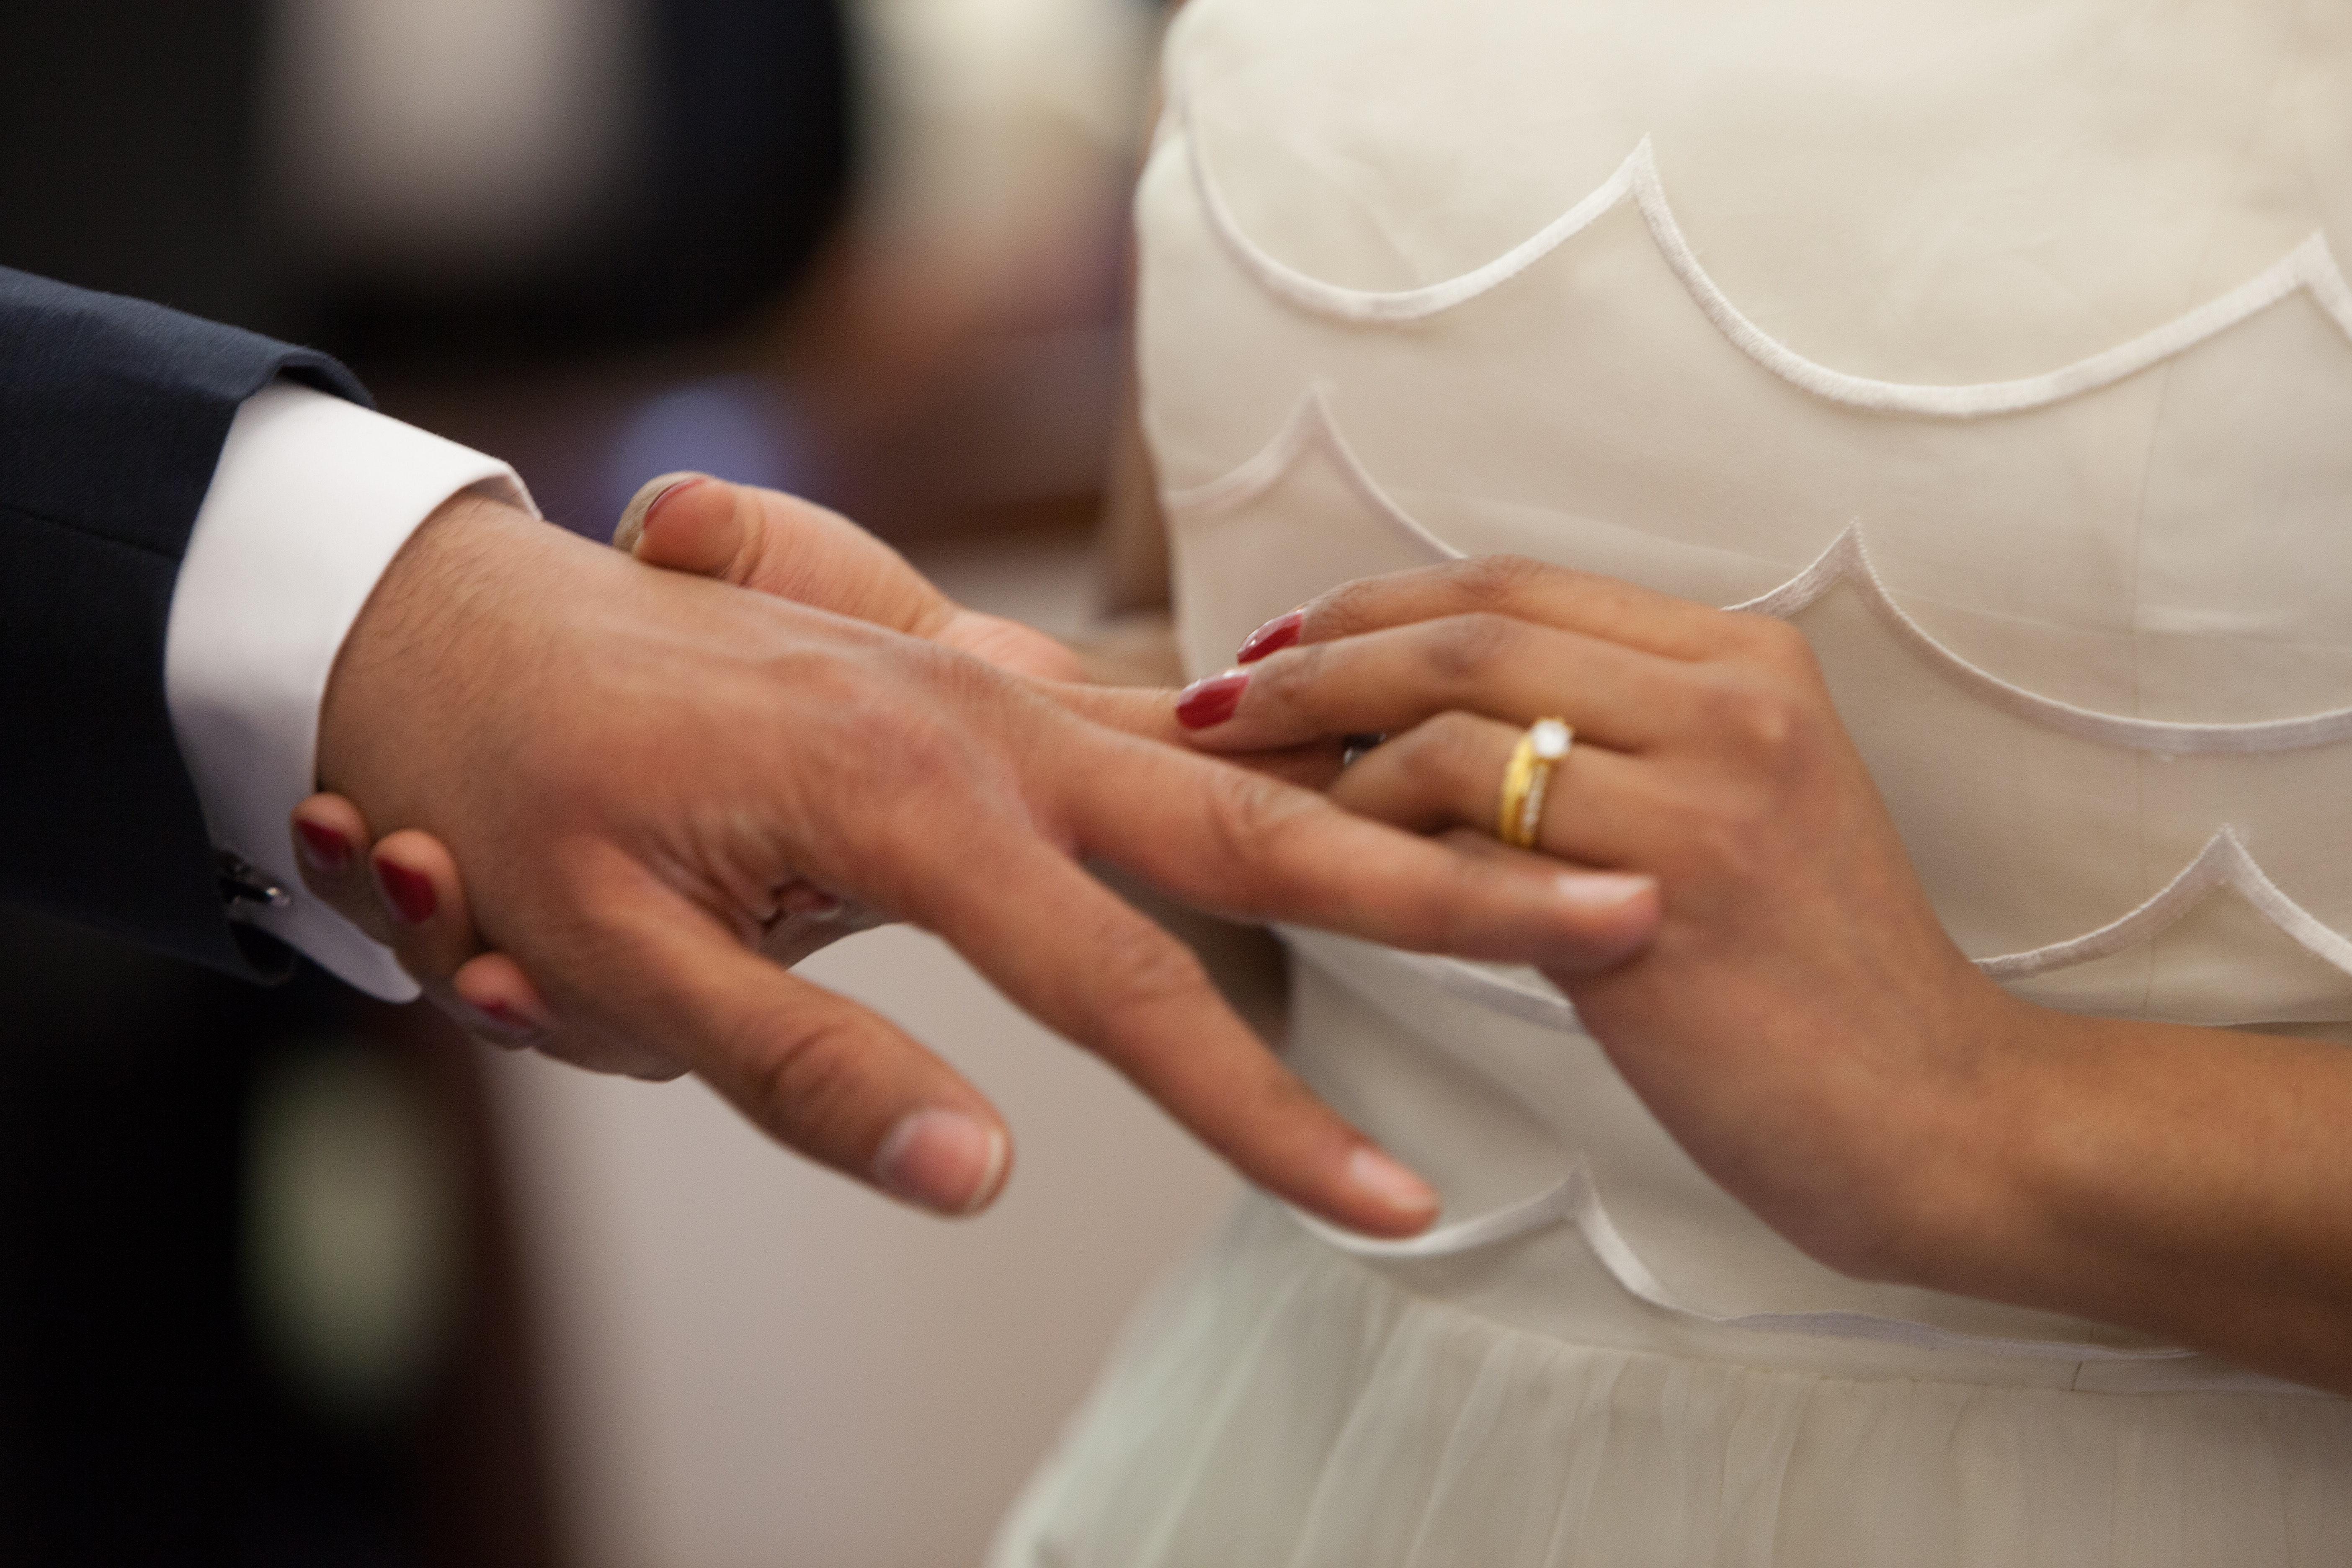 逃げる男と結婚したらどうなる?